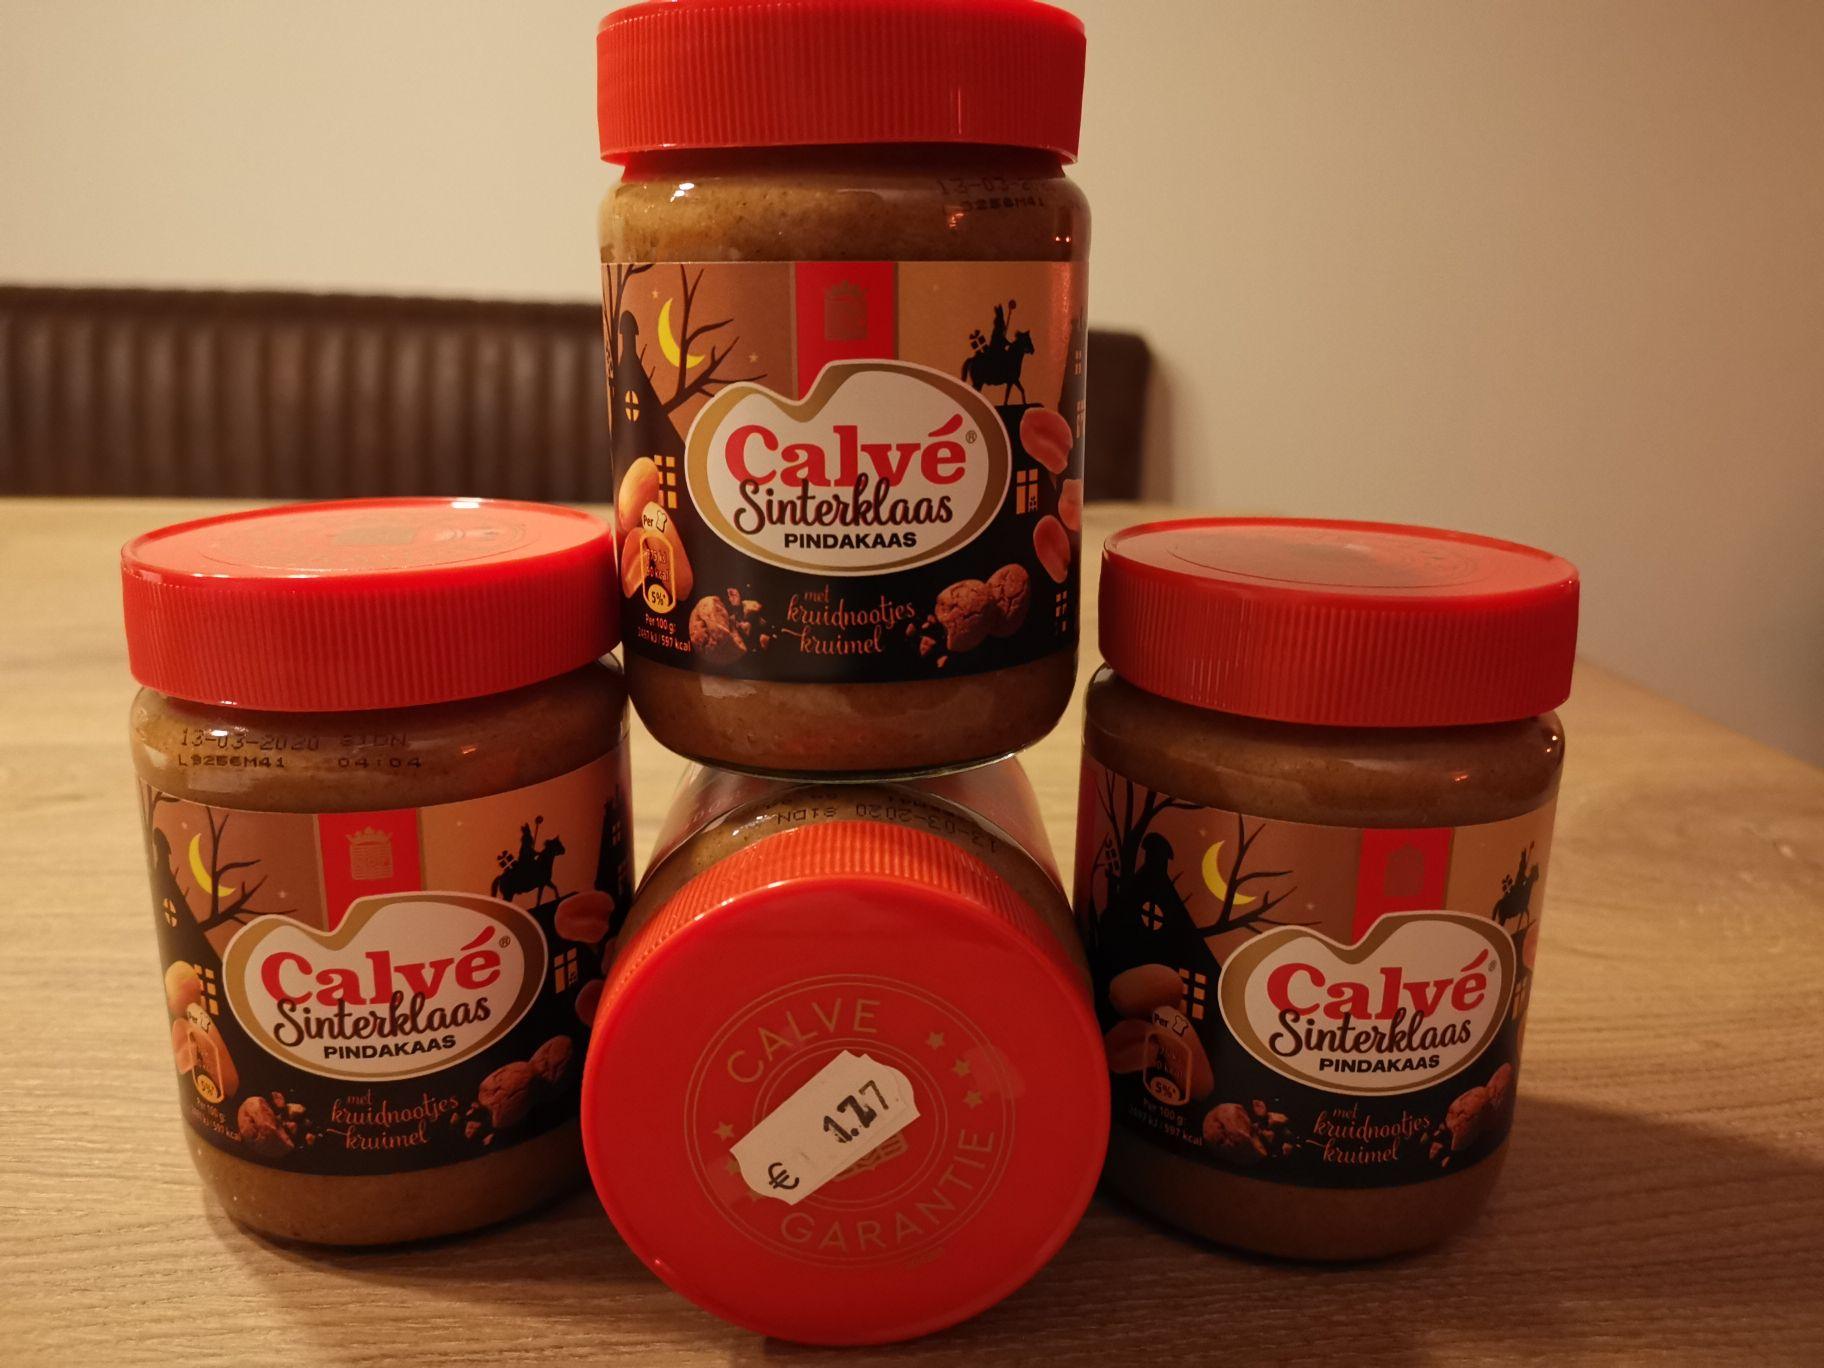 Calve Sinterklaas pindakaas 50% korting